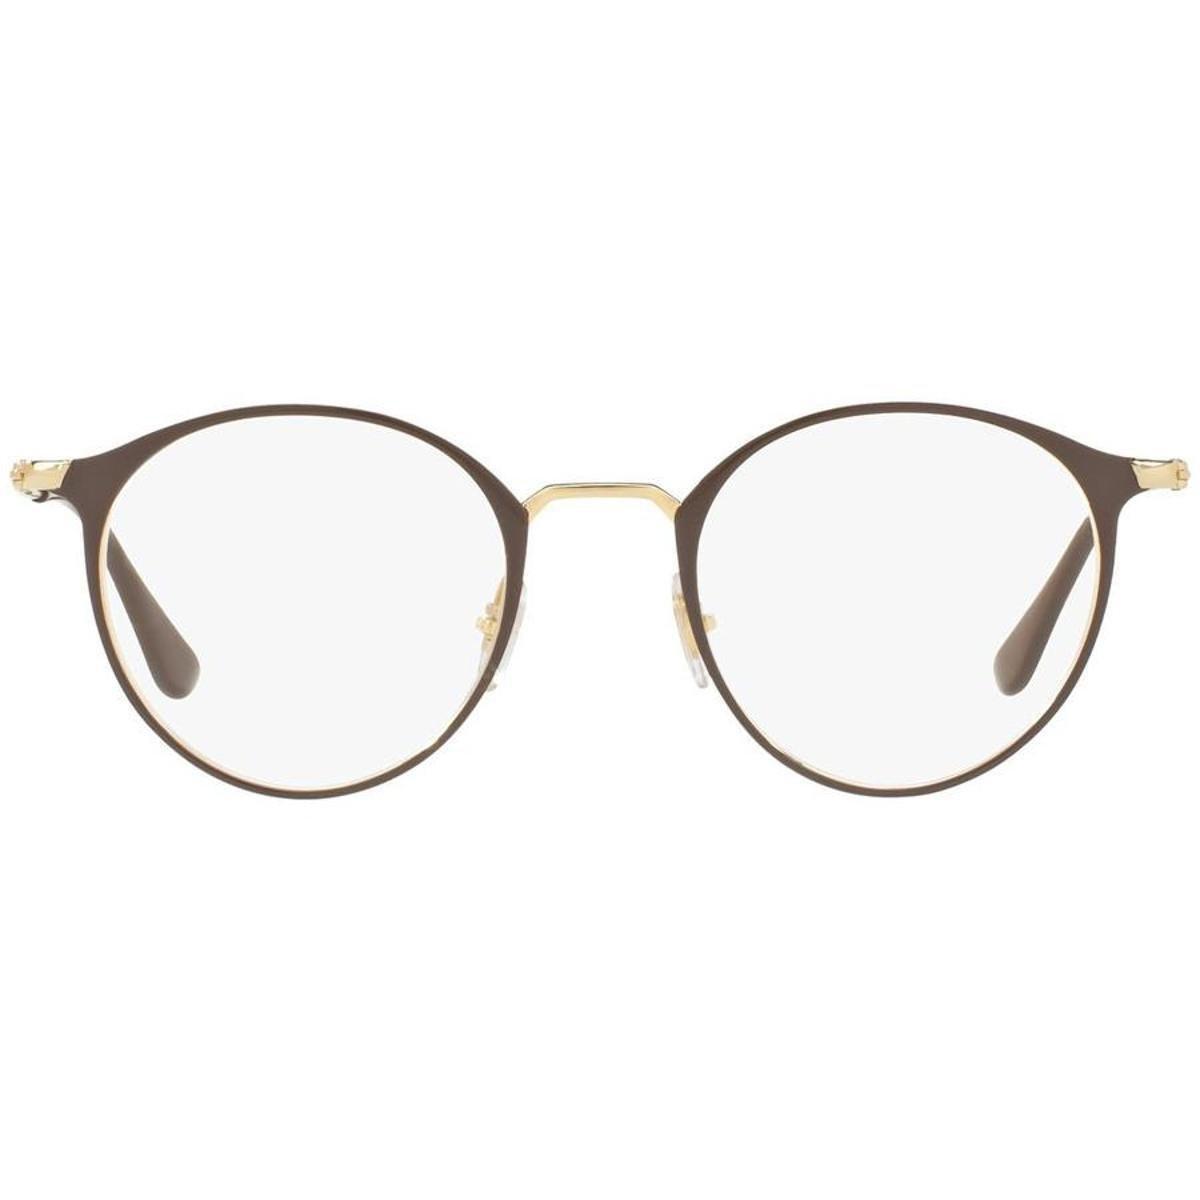 ce27c17847ddf Armação Óculos de Grau Ray Ban RX6378 2905-49 - Compre Agora